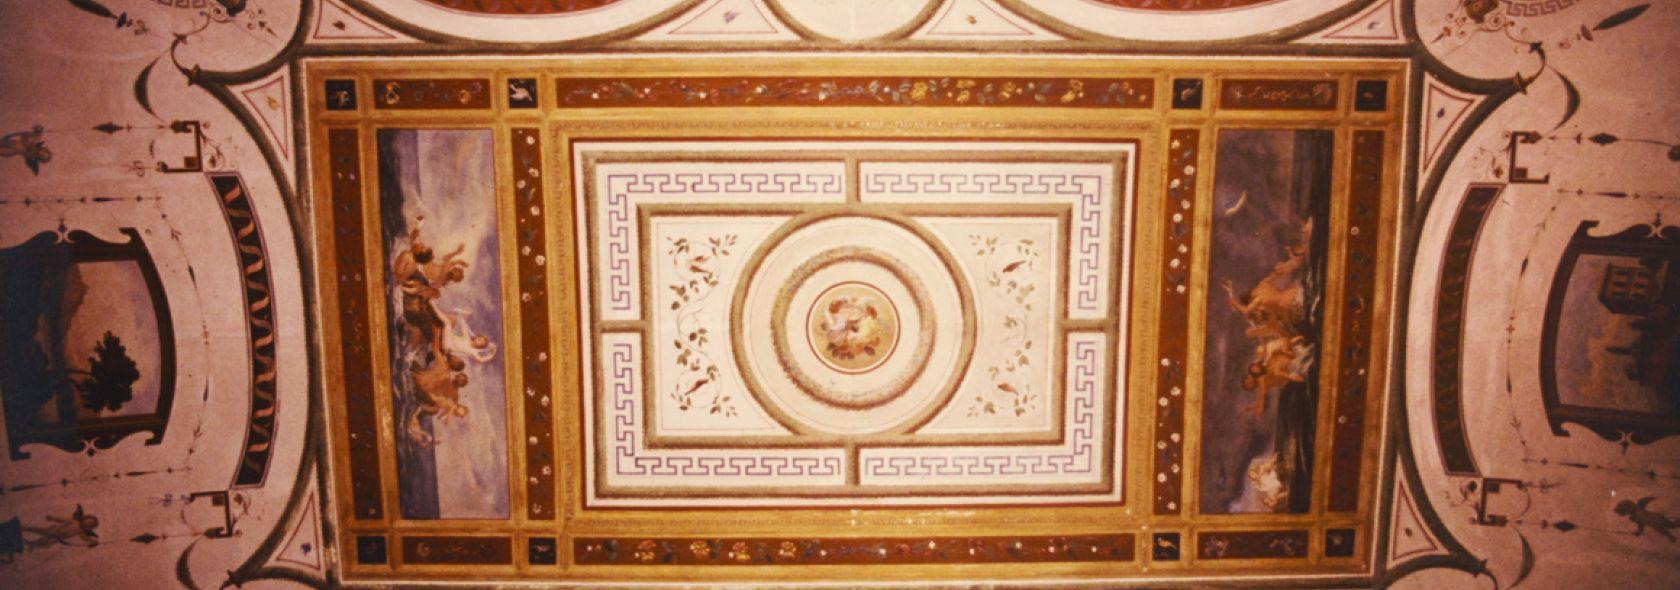 Museo d'arte contemporanea Villa Croce - soffitto Sala Conferenze con grottesche